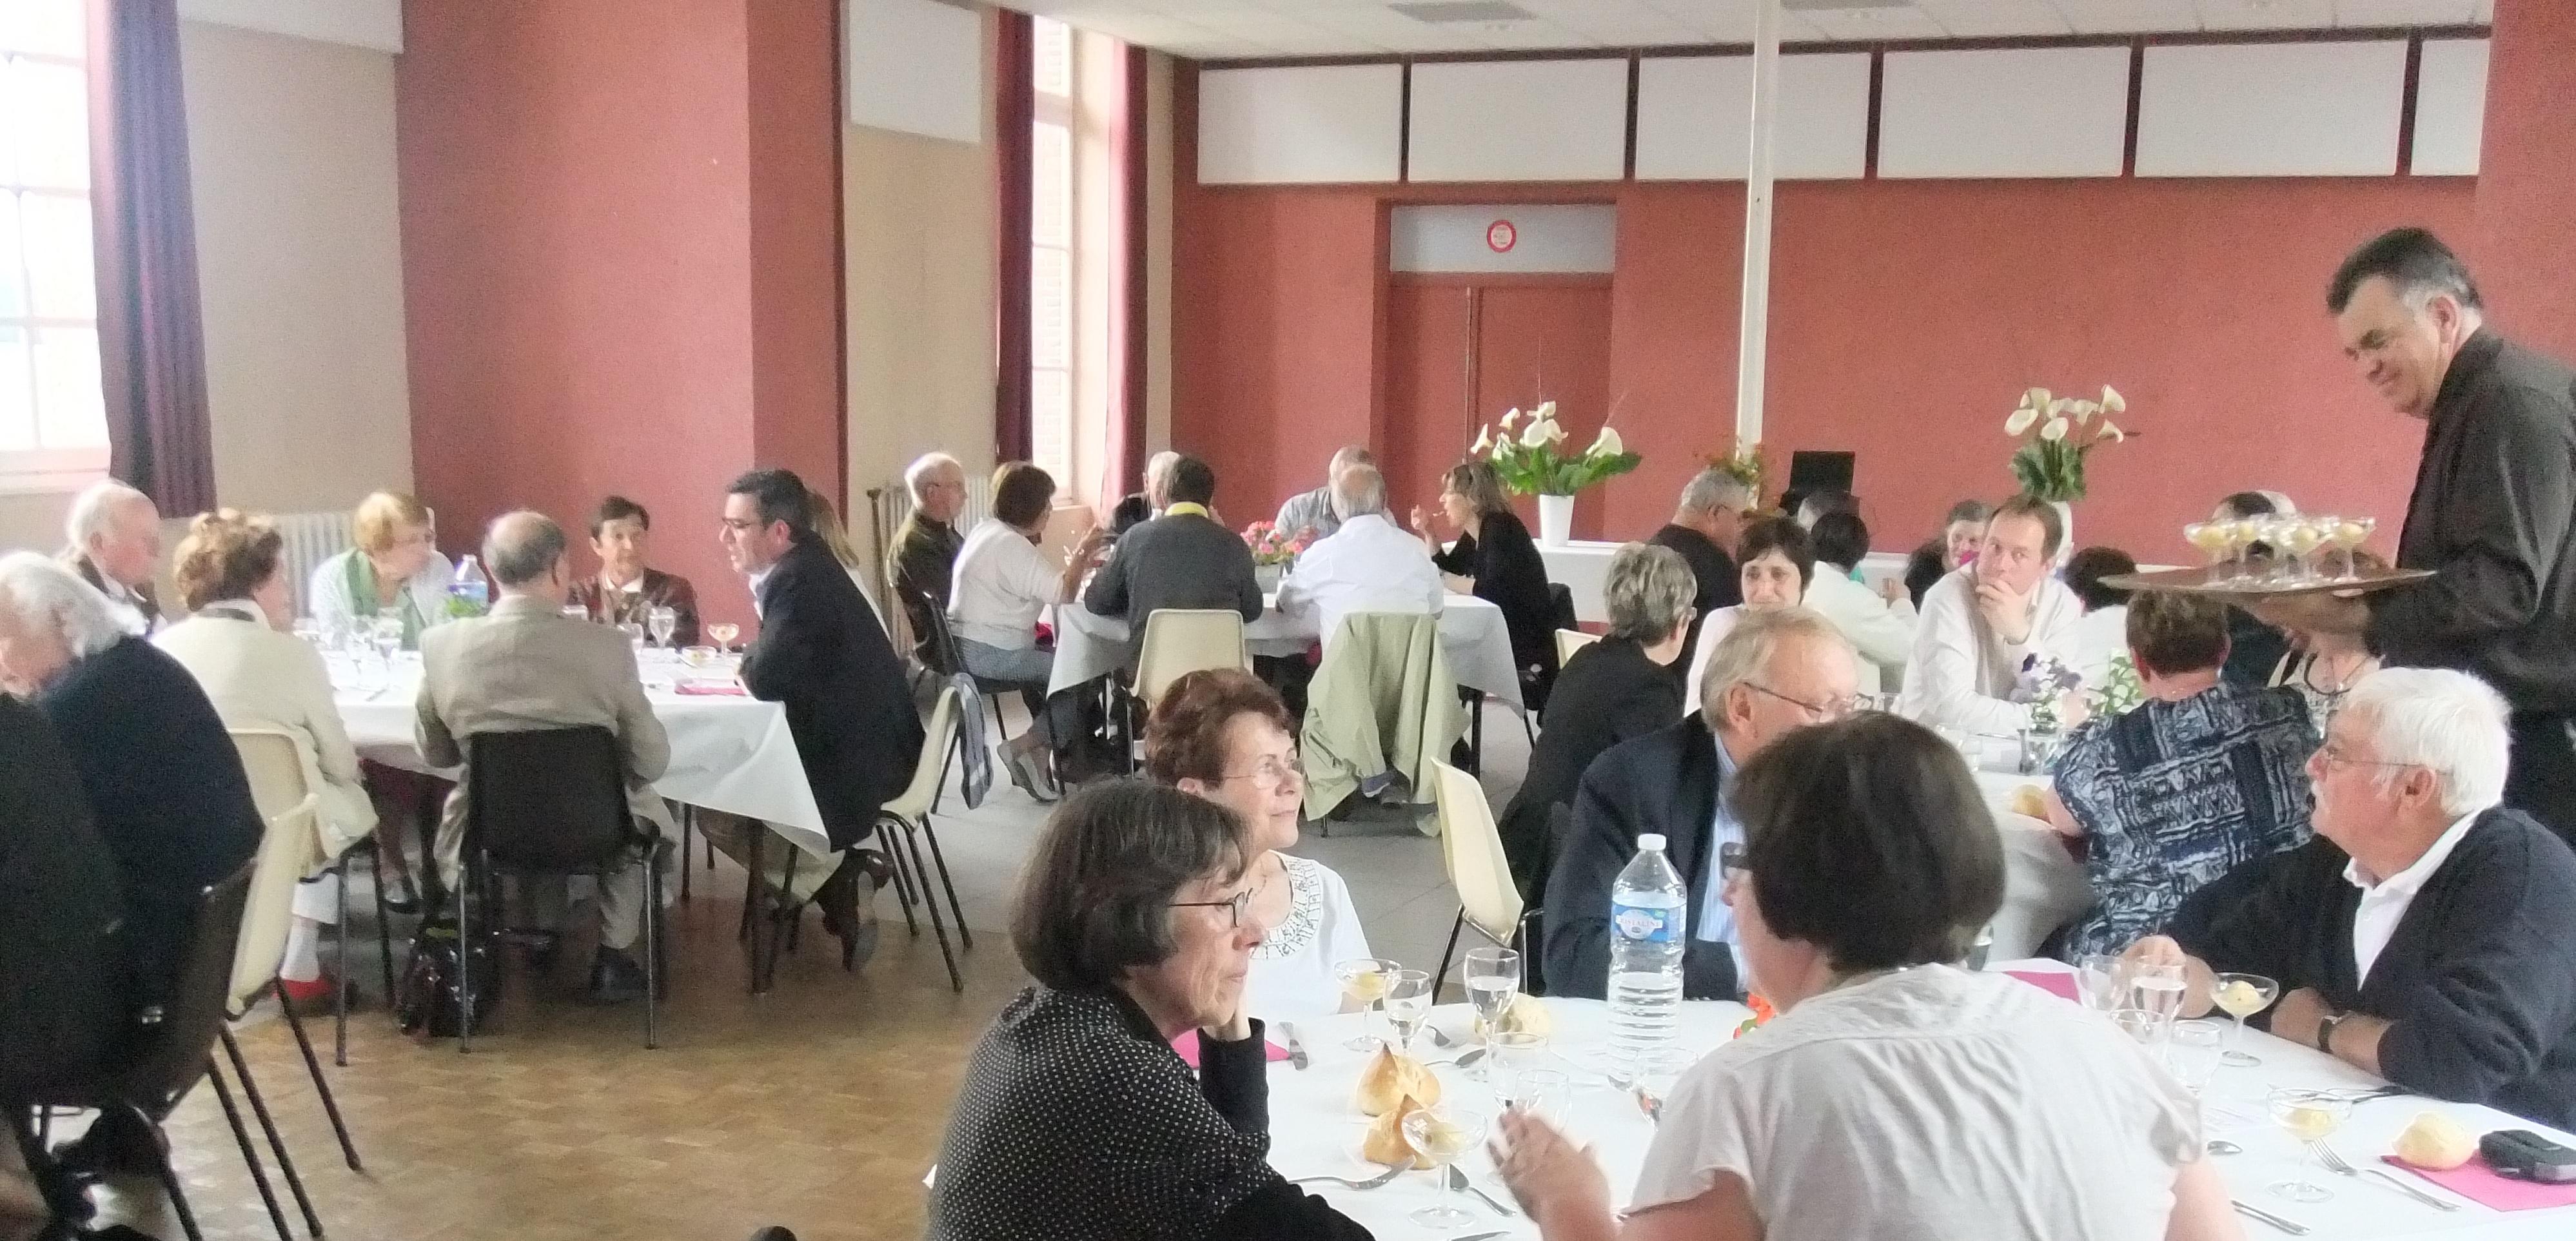 2014-06-01-le-favril-28-repas-de-l-amitie-2